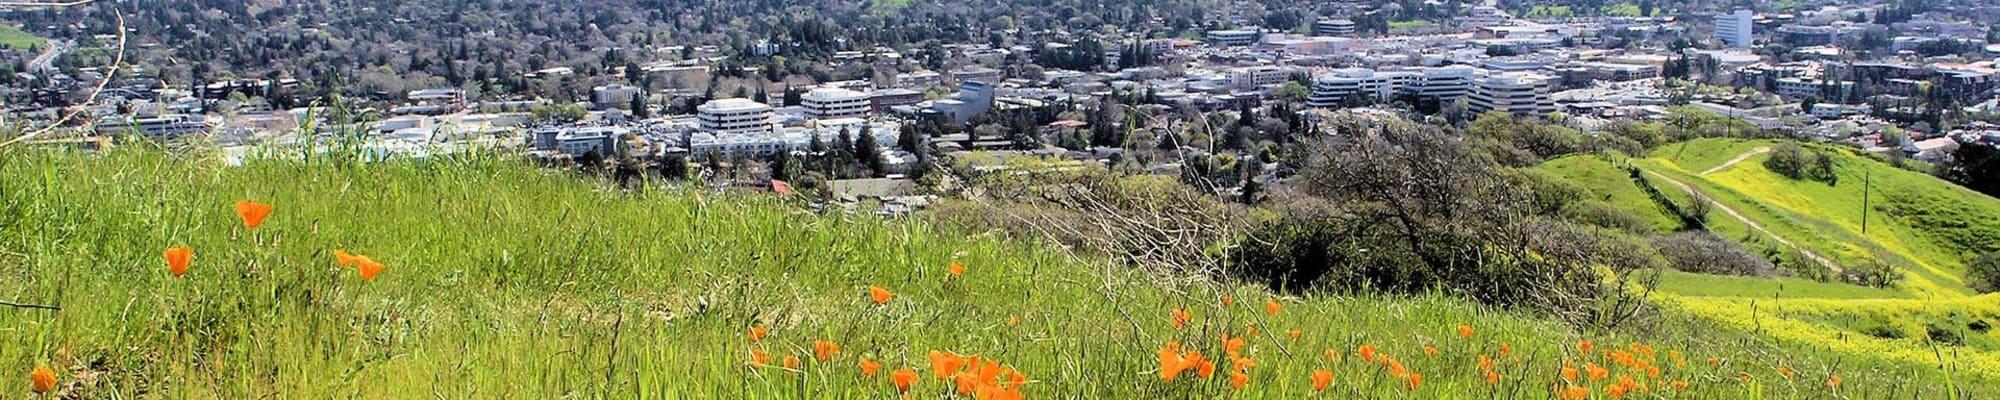 Community map at Flora Condominium Rentals in Walnut Creek, California